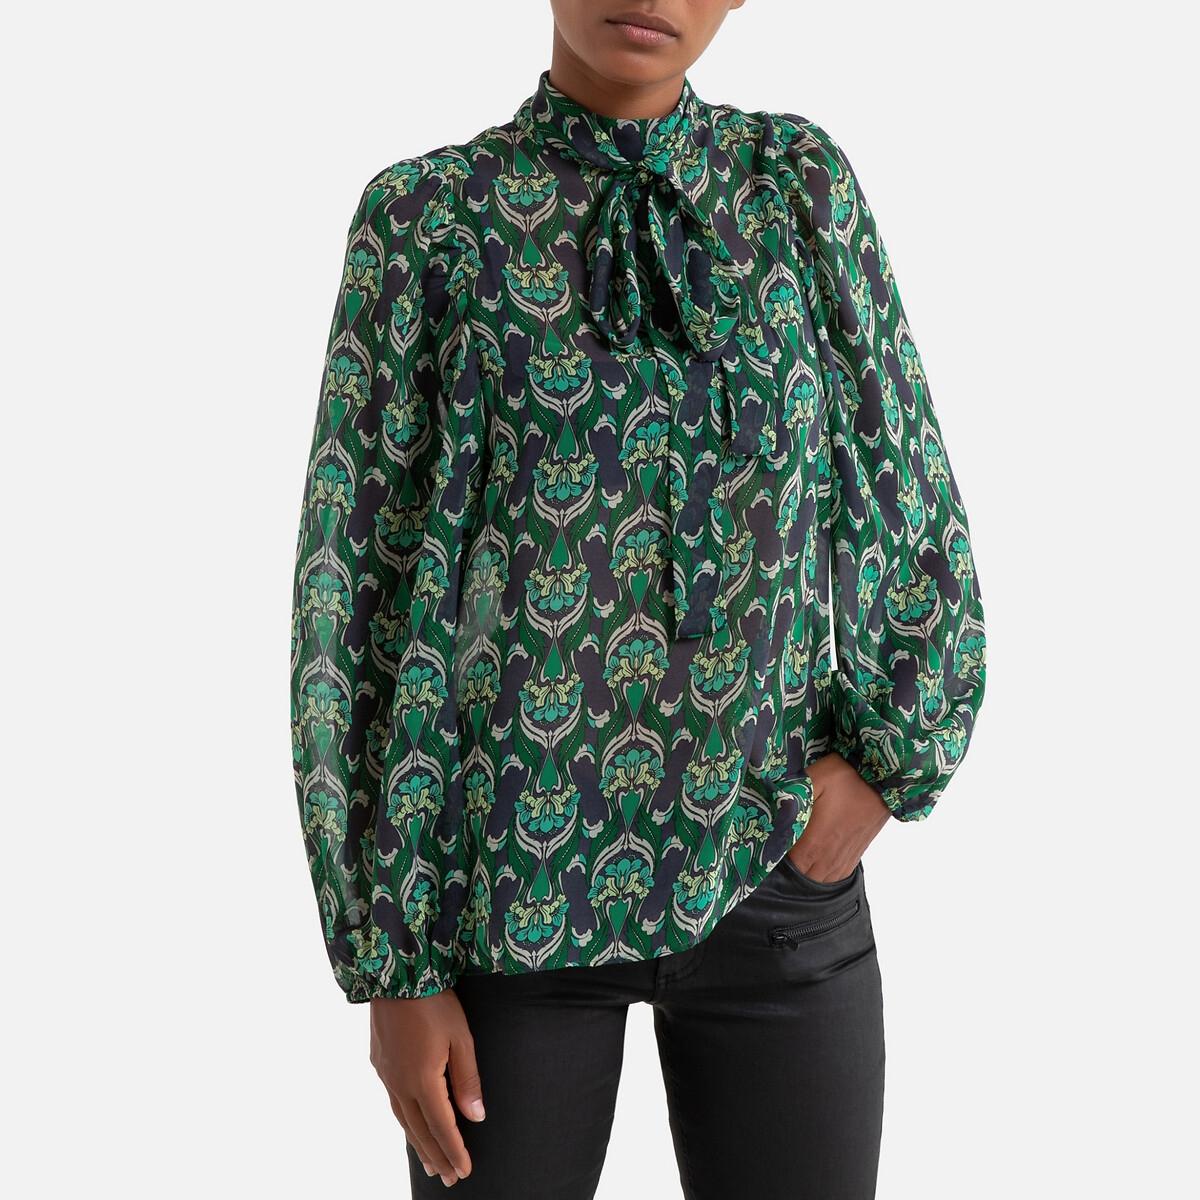 Блузка La Redoute С принтом и с завязками длинные рукава 38 (FR) - 44 (RUS) зеленый кеды сникеры la redoute с крокодиловым принтом 38 желтый